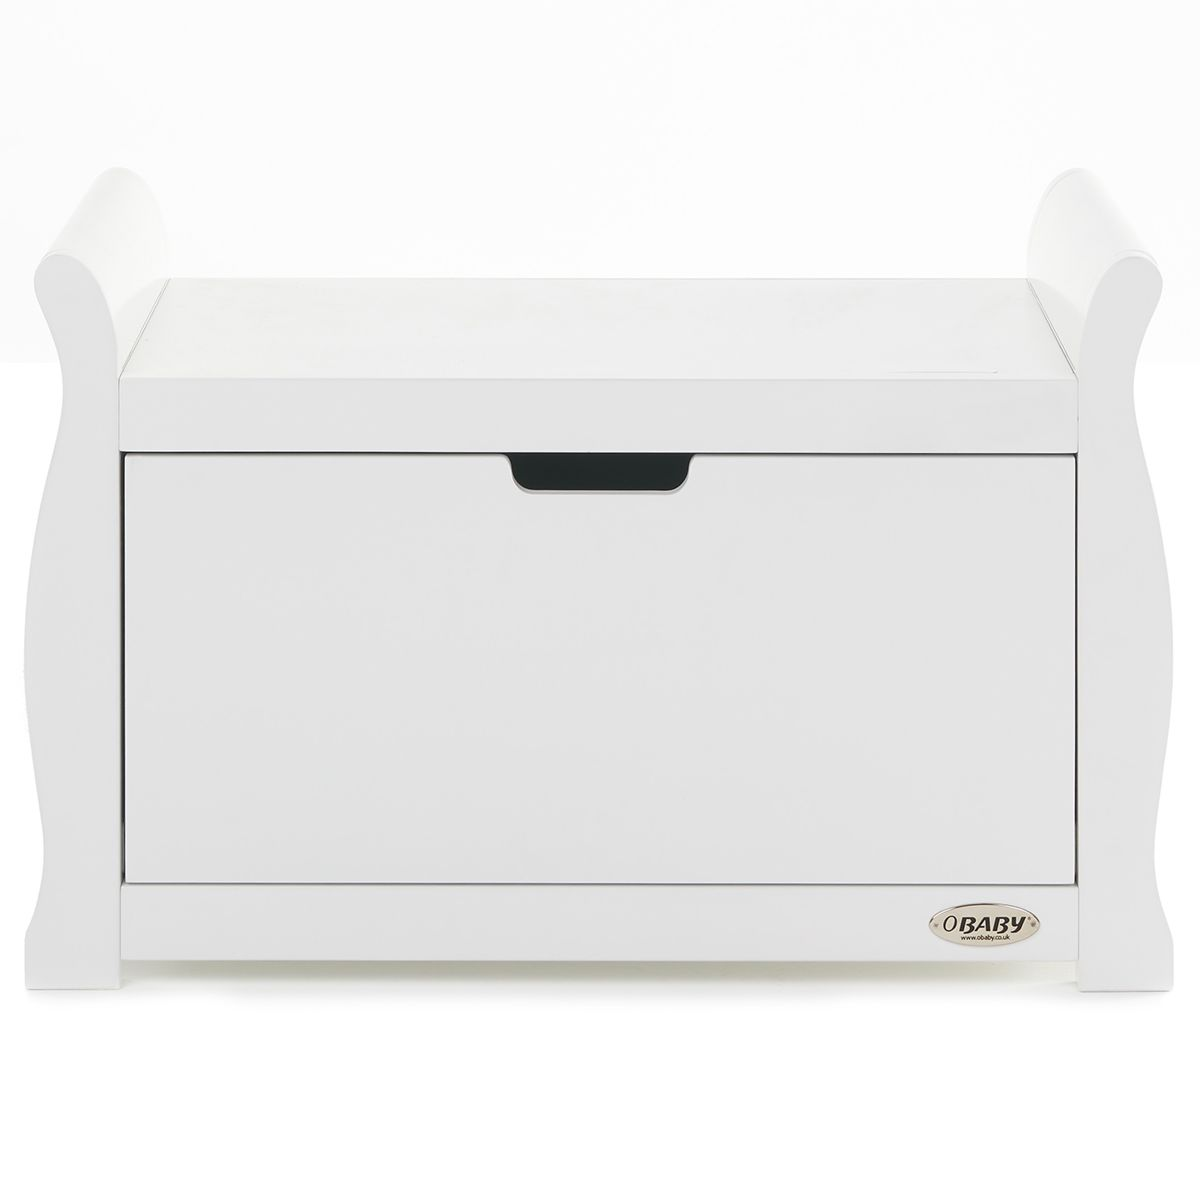 Obaby Stamford Sleigh Toy Box - White